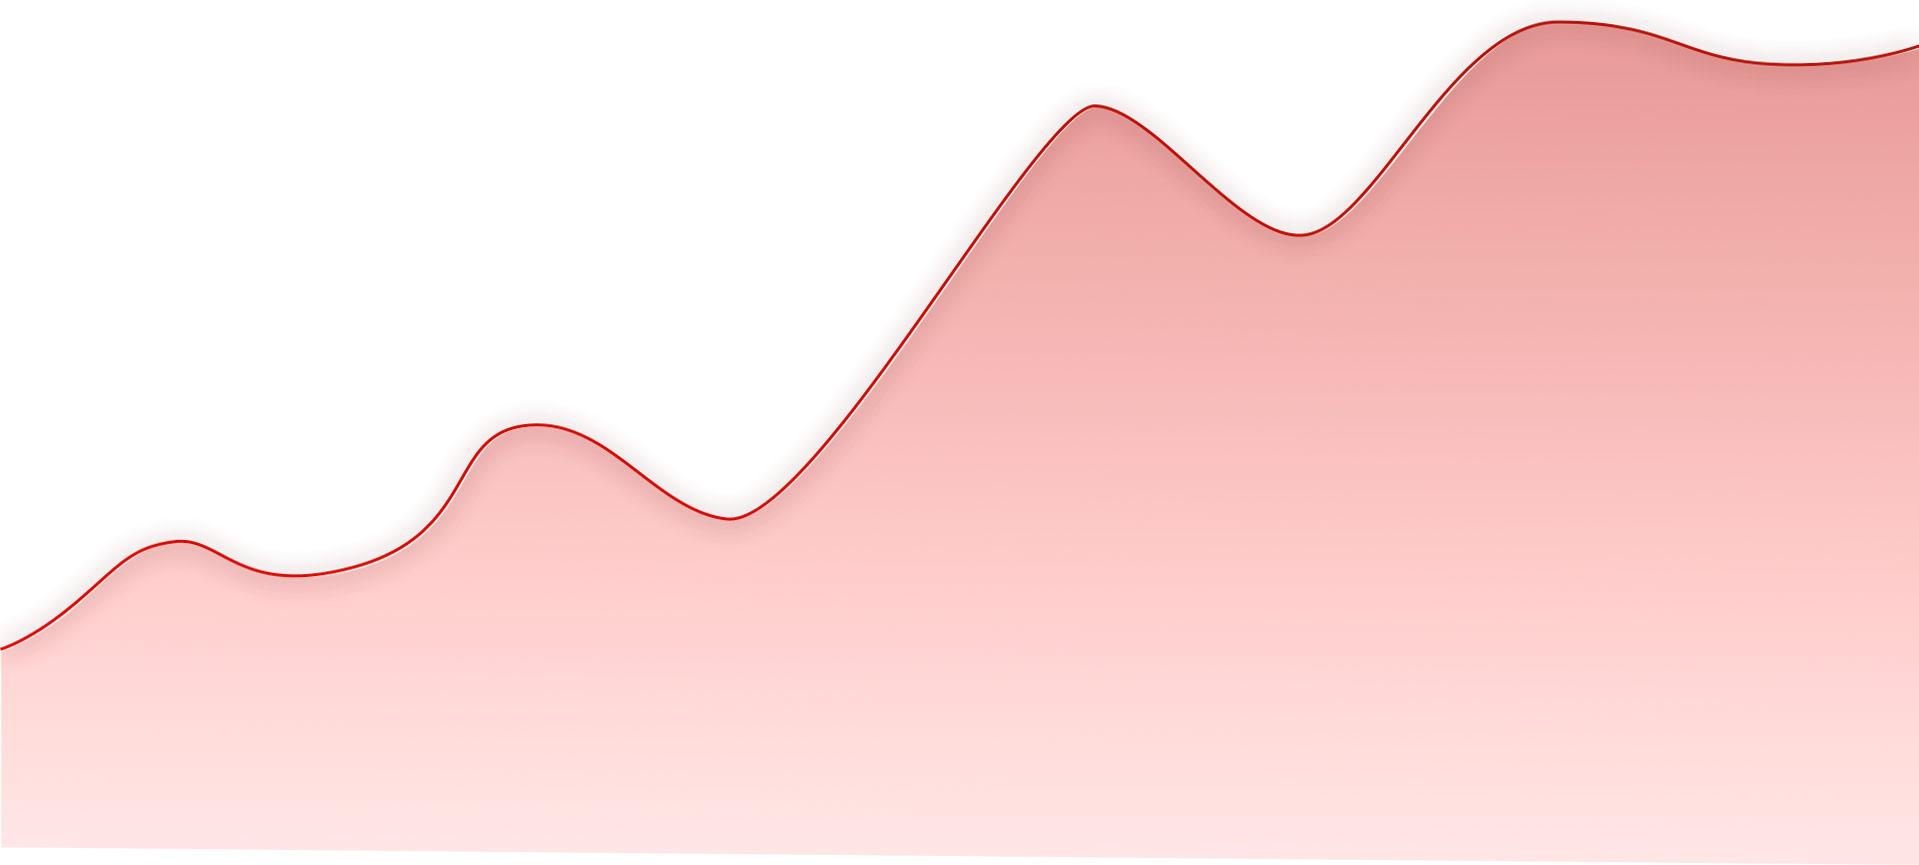 abramenko_graph